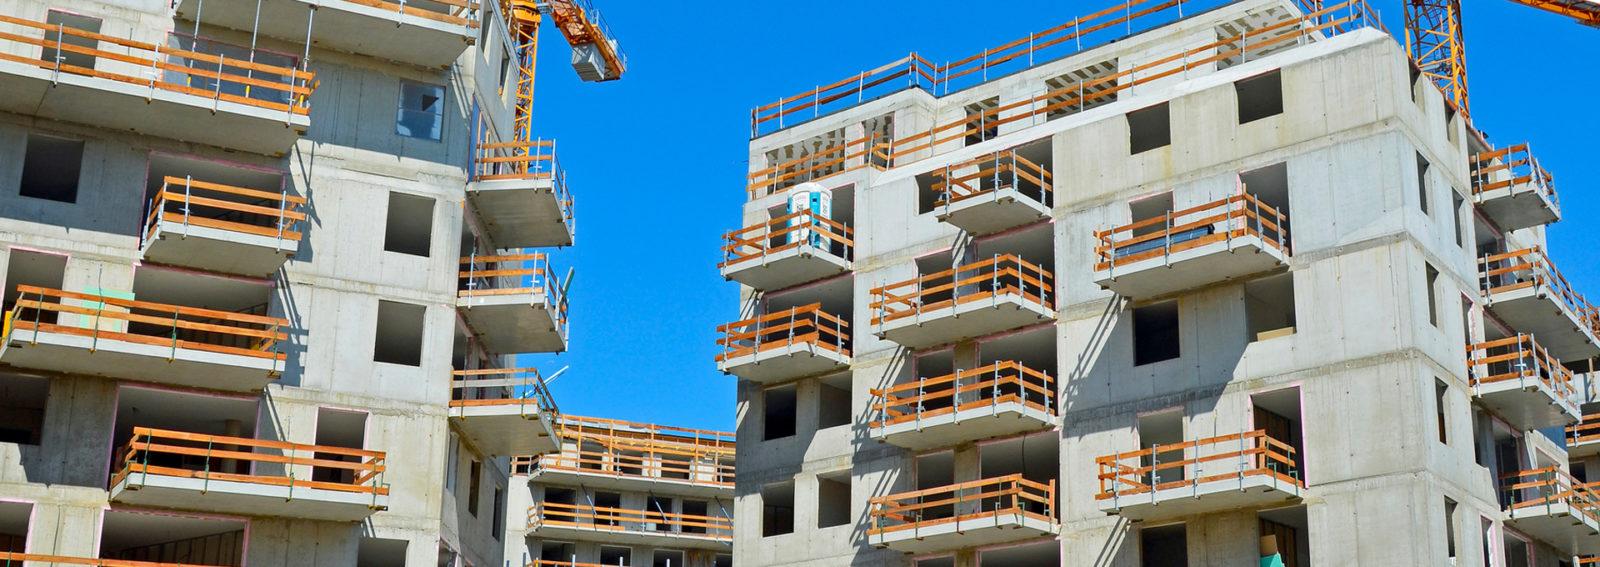 Coordonnateur SPS prévenir les risques chantier et entreprises construction batiment JMP Coordination